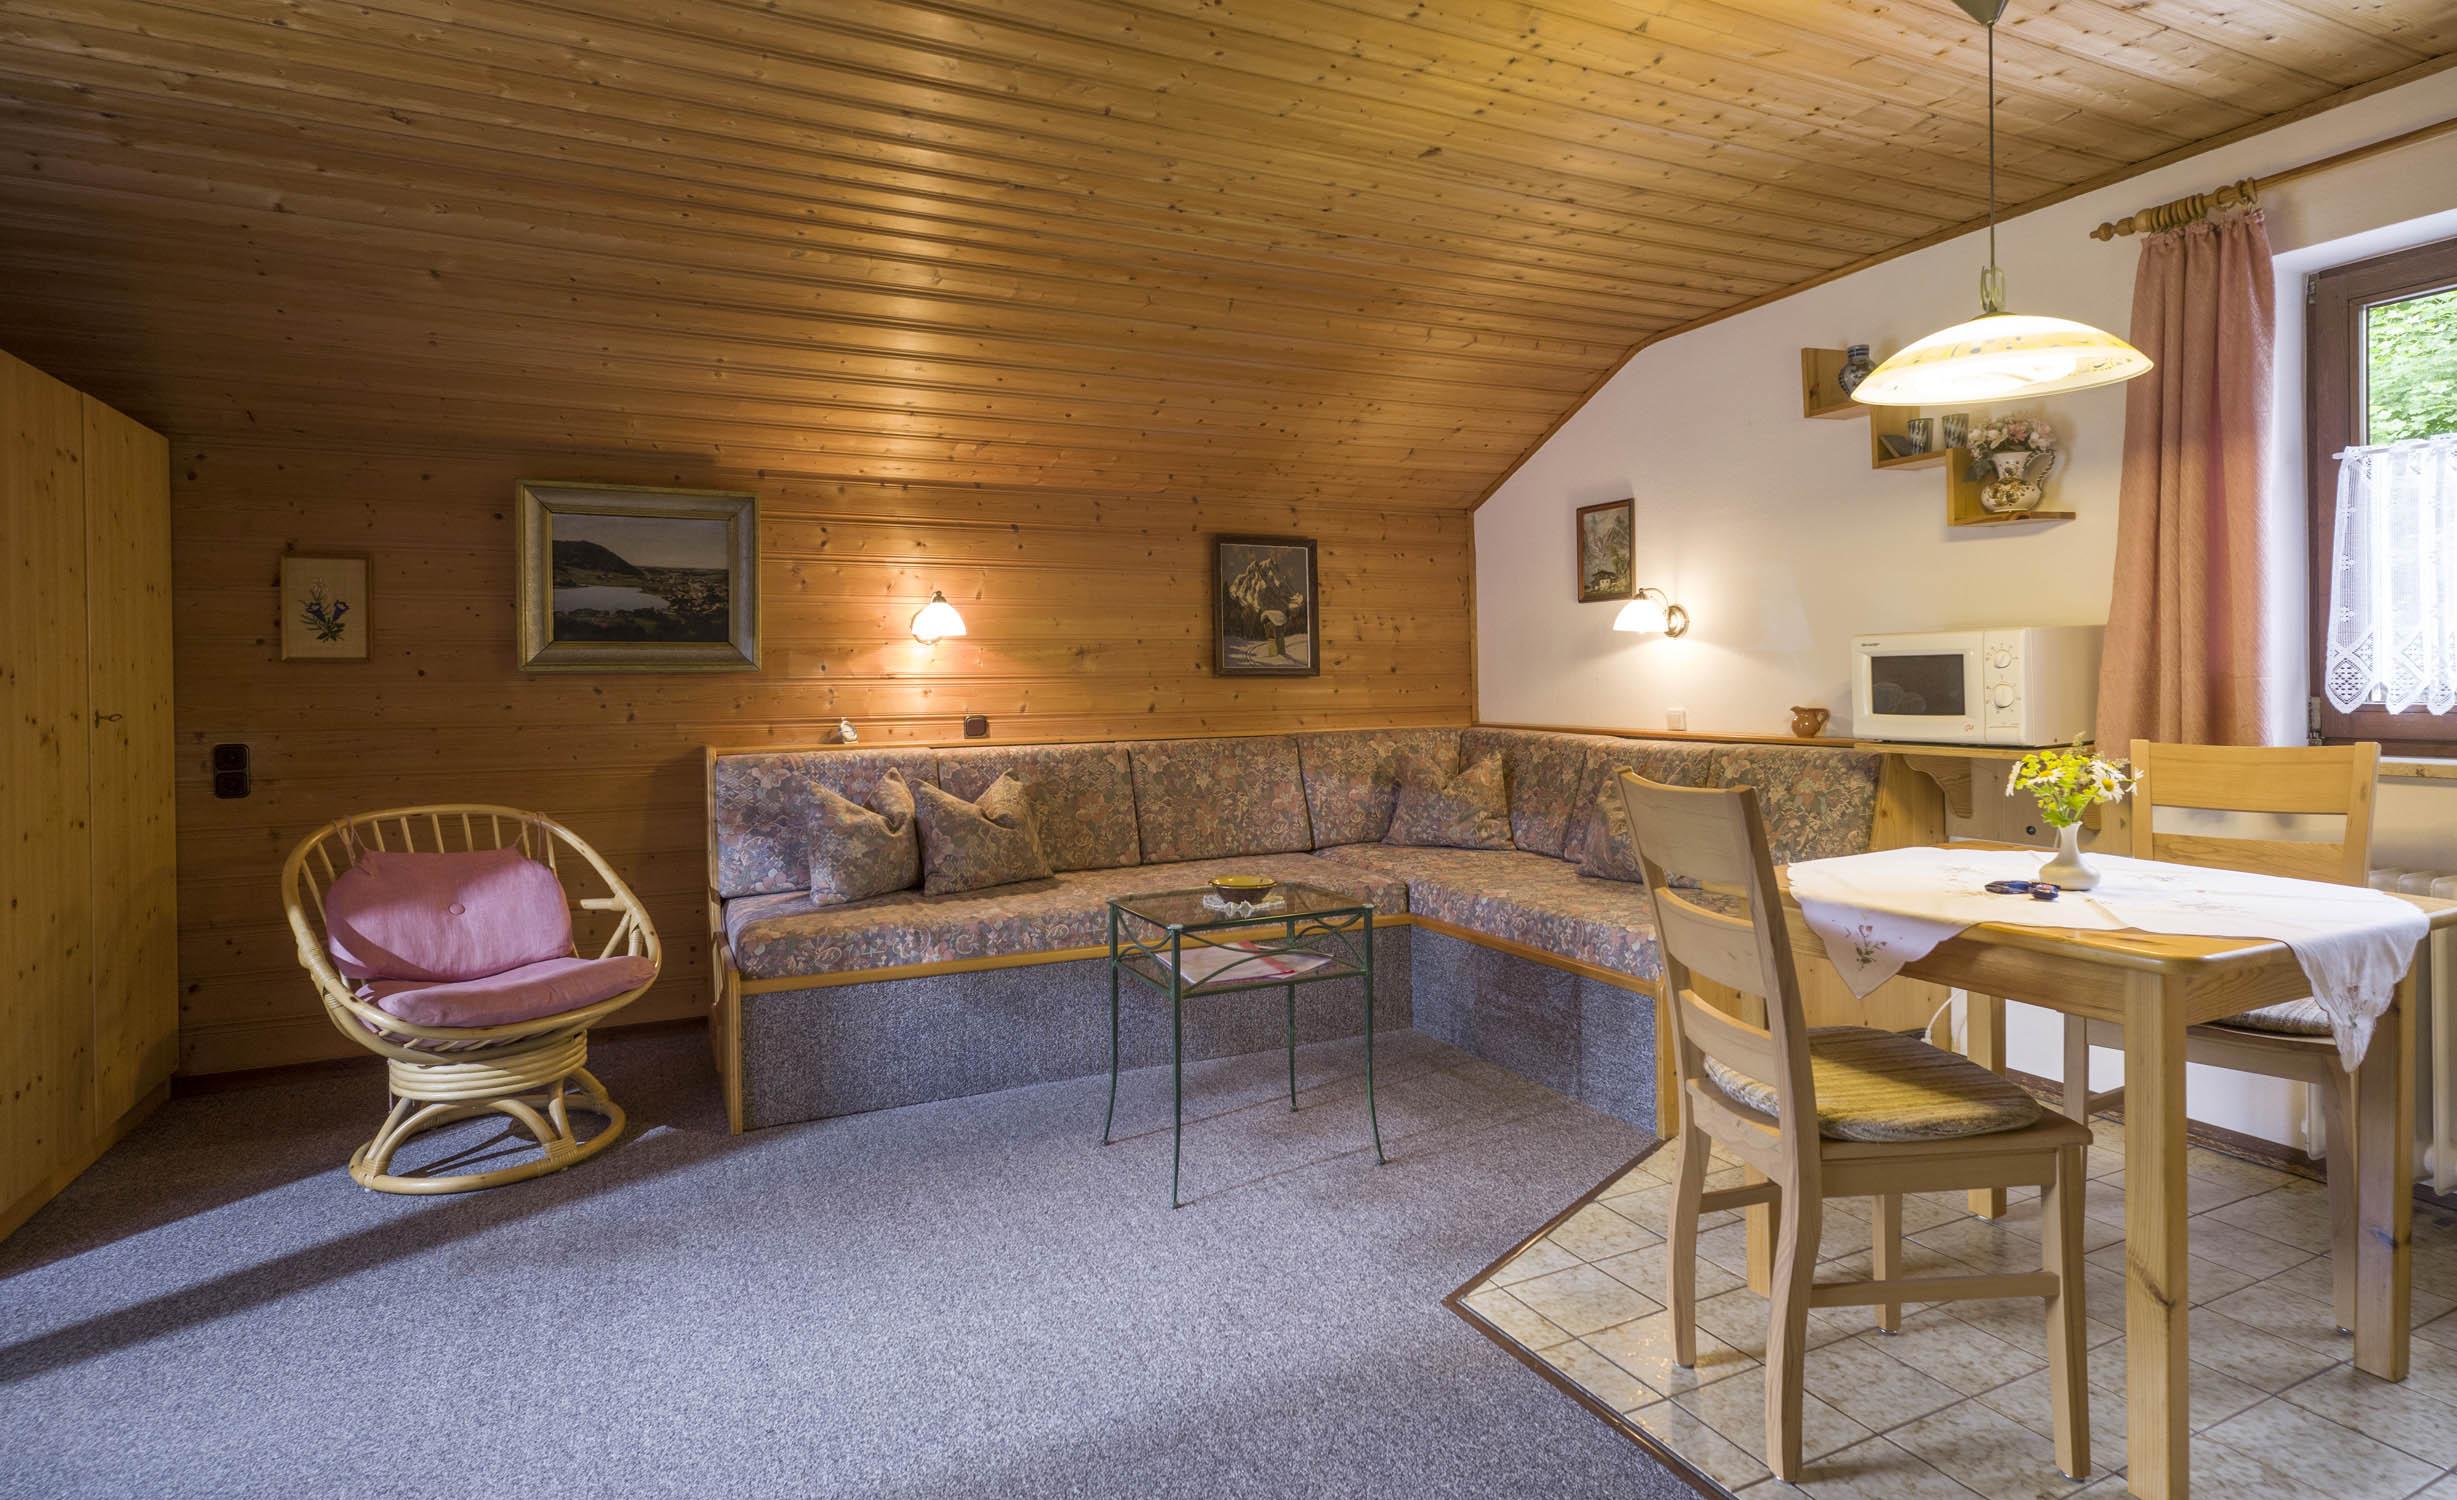 Ferienwohnung Haus Enzian (DE Oberaudorf). 1-Zimmer Ferienwohnung 35qm (709911), Oberaudorf, Chiemgau, Bayern, Deutschland, Bild 9